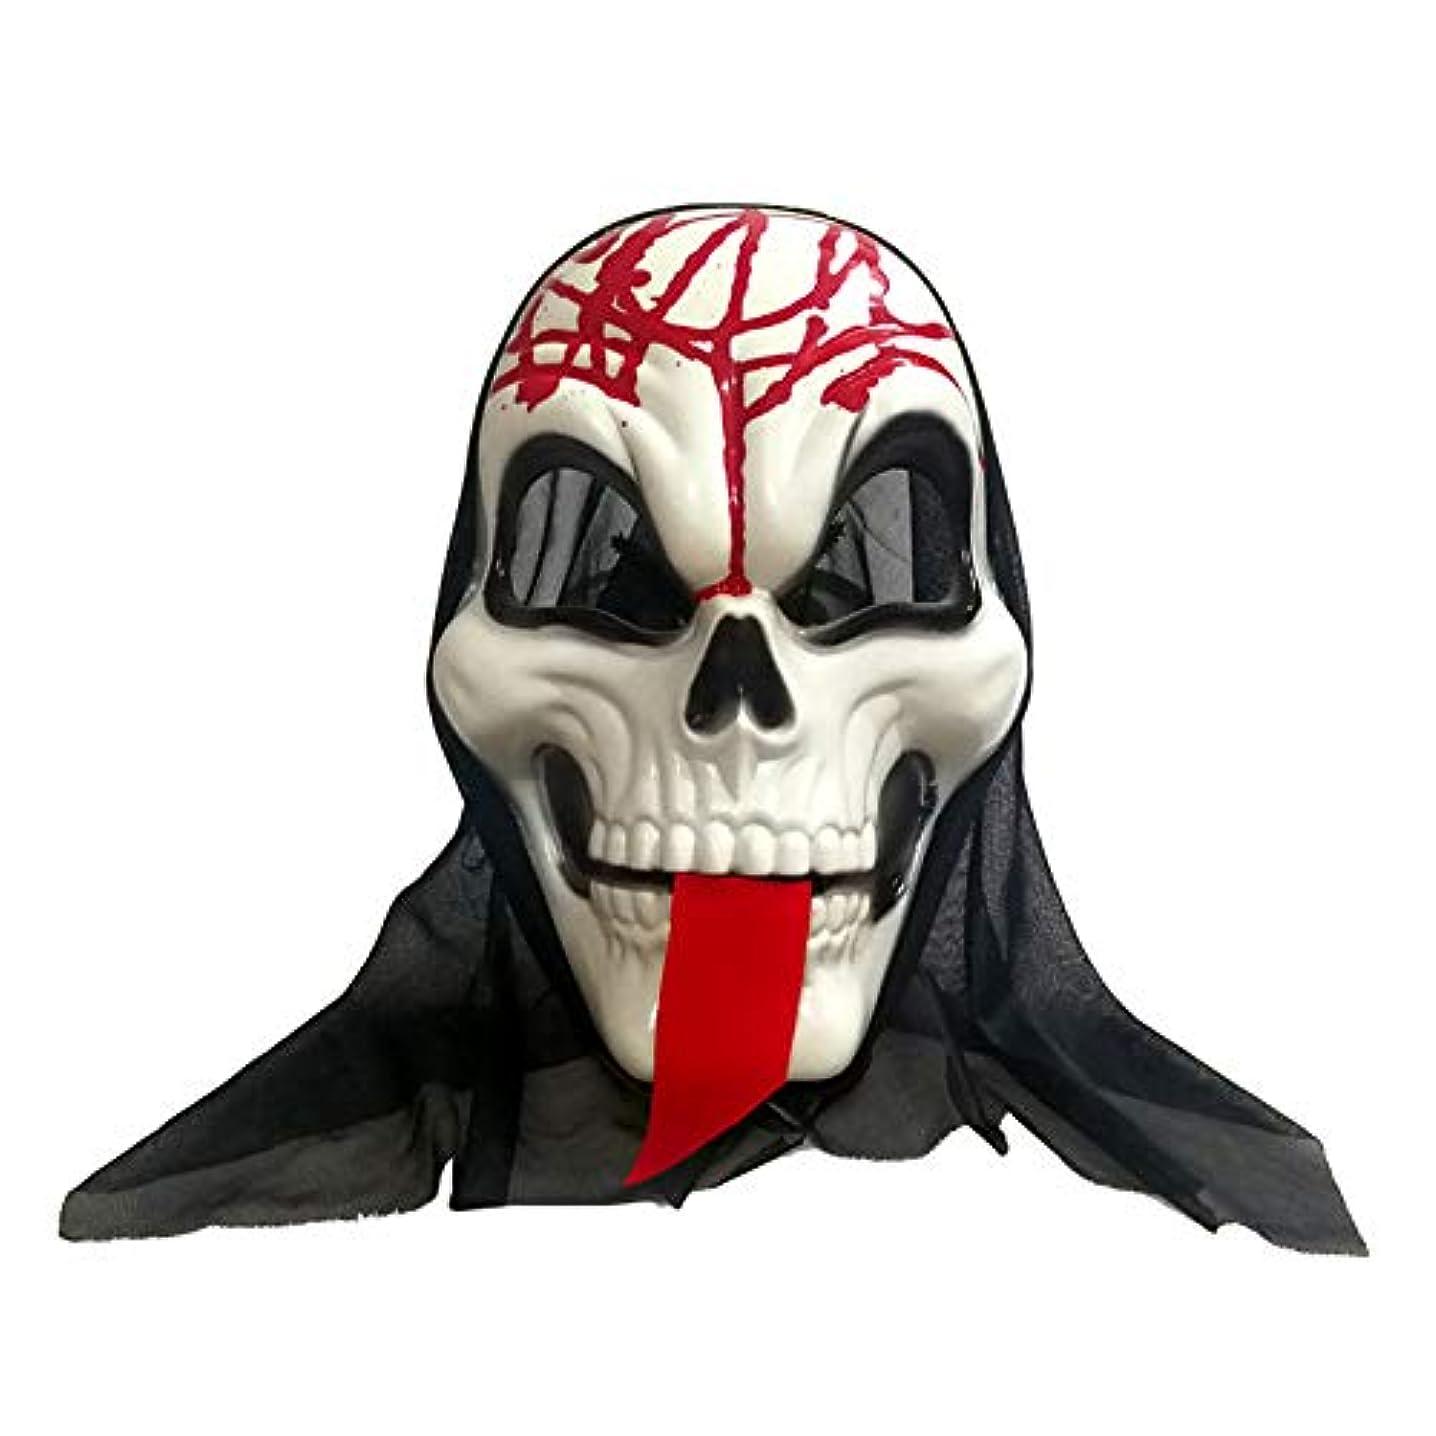 コンテンポラリー採用不安怖いゴーストヘッド怖いマスク唾を吐く舌ヴァンパイアマスクハロウィンゴーストフェスティバル全体男小道具